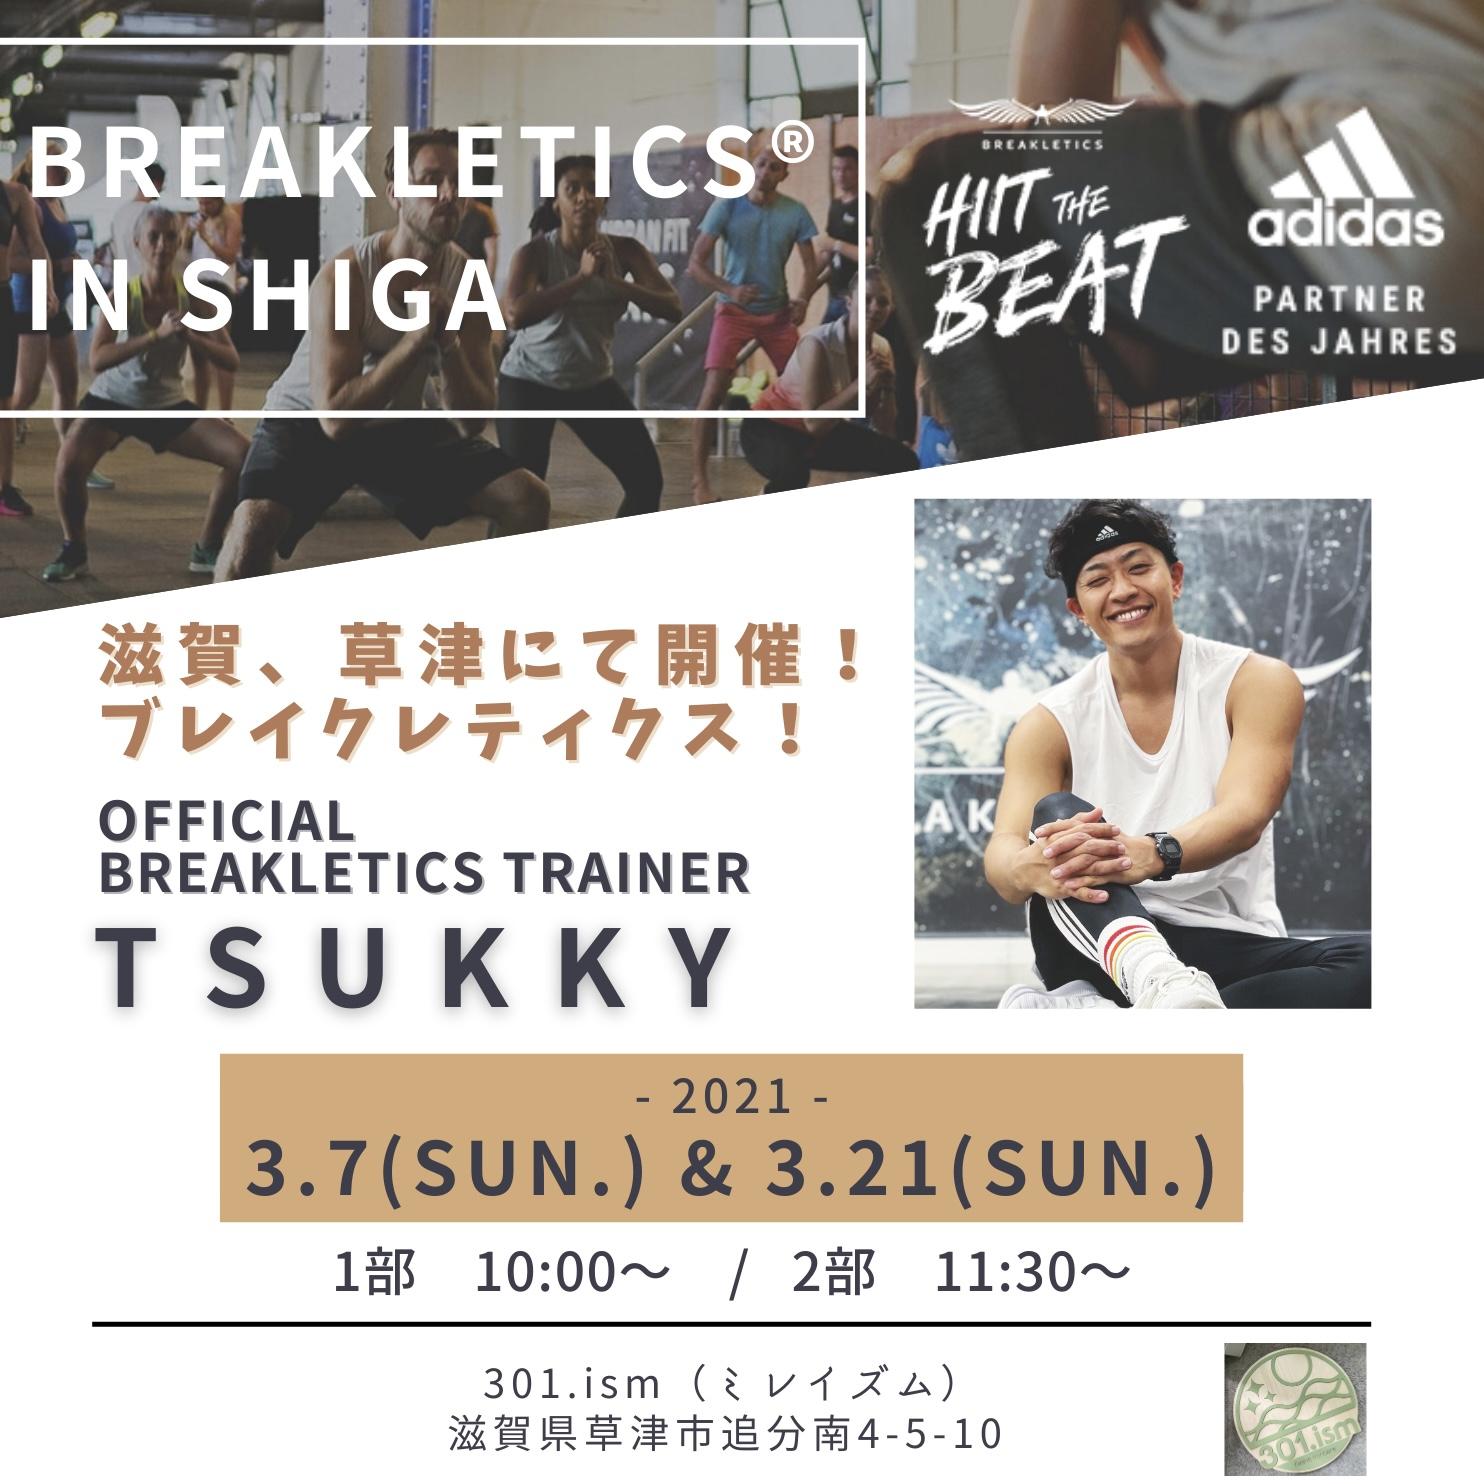 BREAKLETICS IN SHIGA